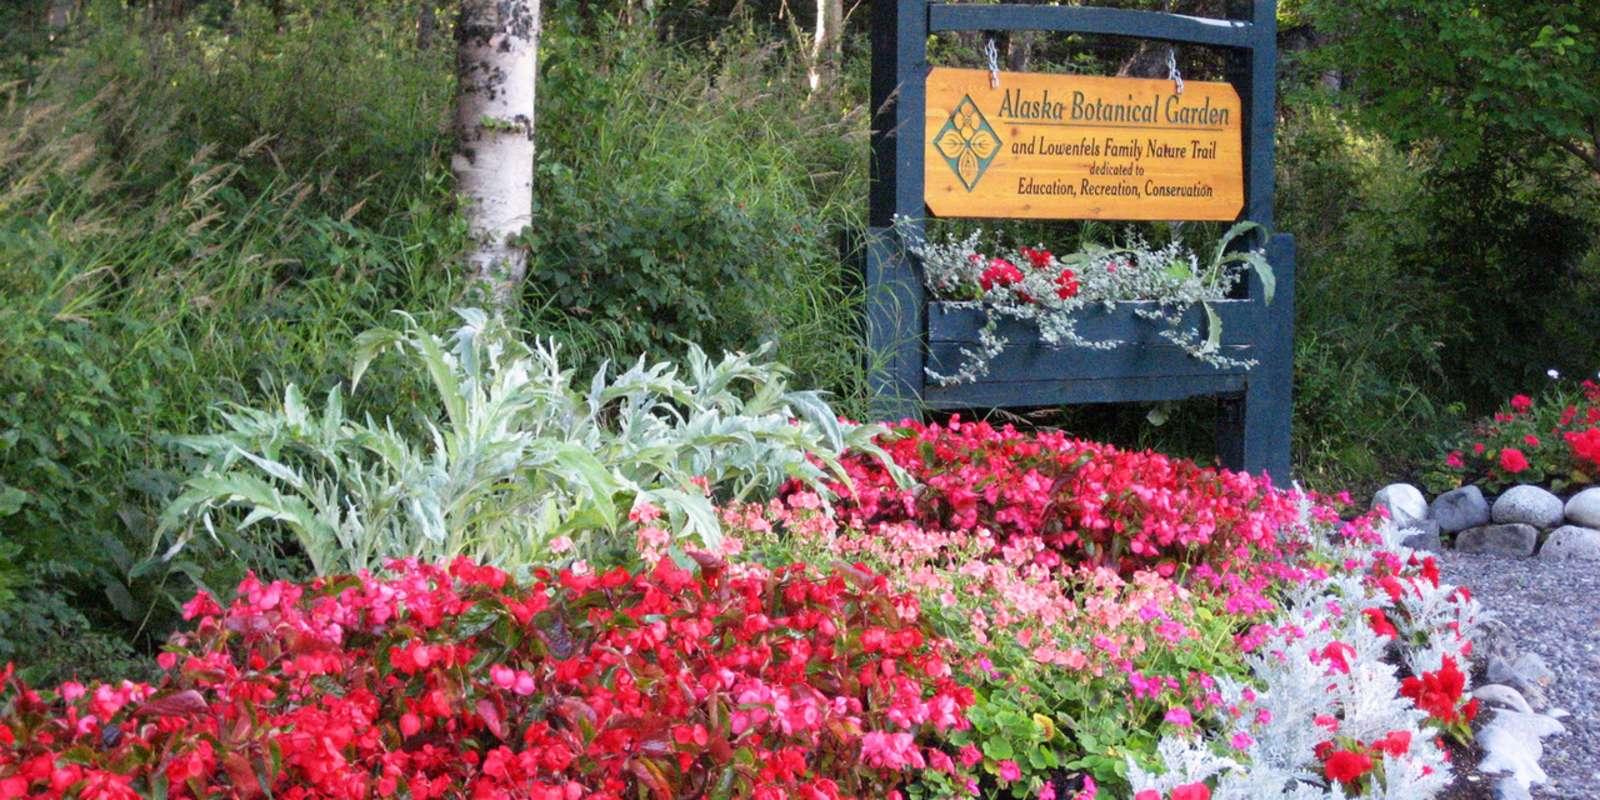 entrance - Alaska Botanical Garden